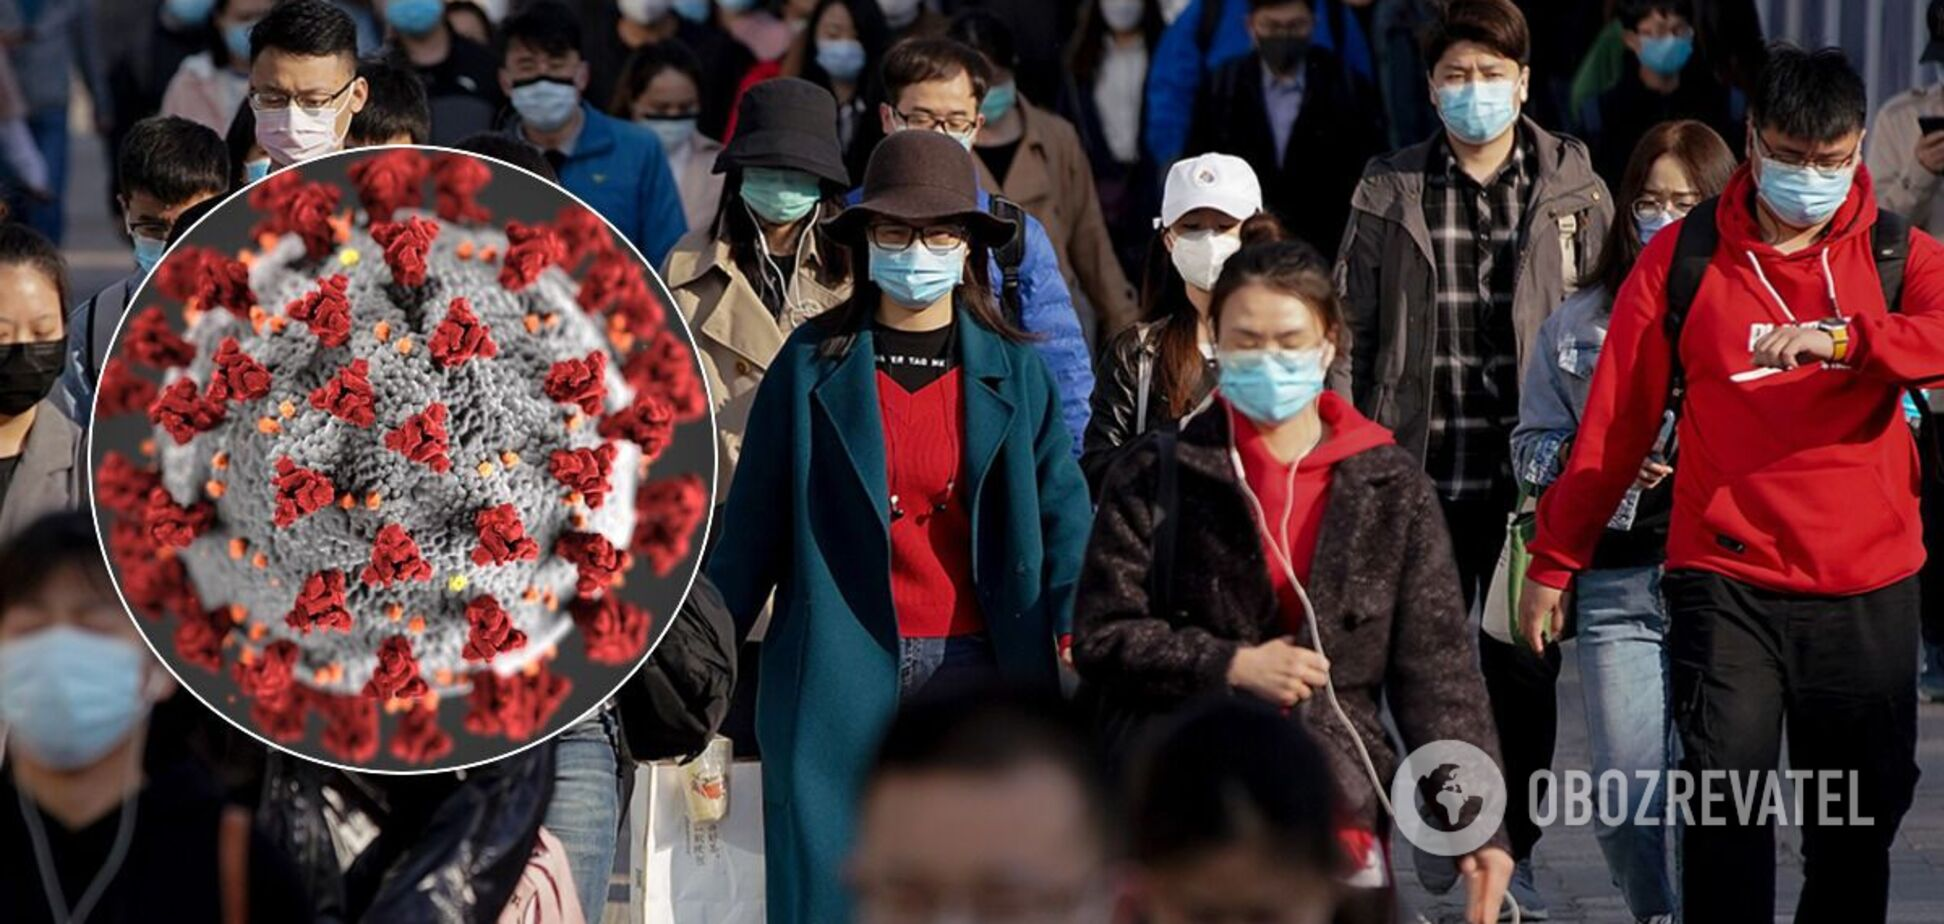 Китай поборол COVID-19 'кодом здоровья' и предложил его всему миру